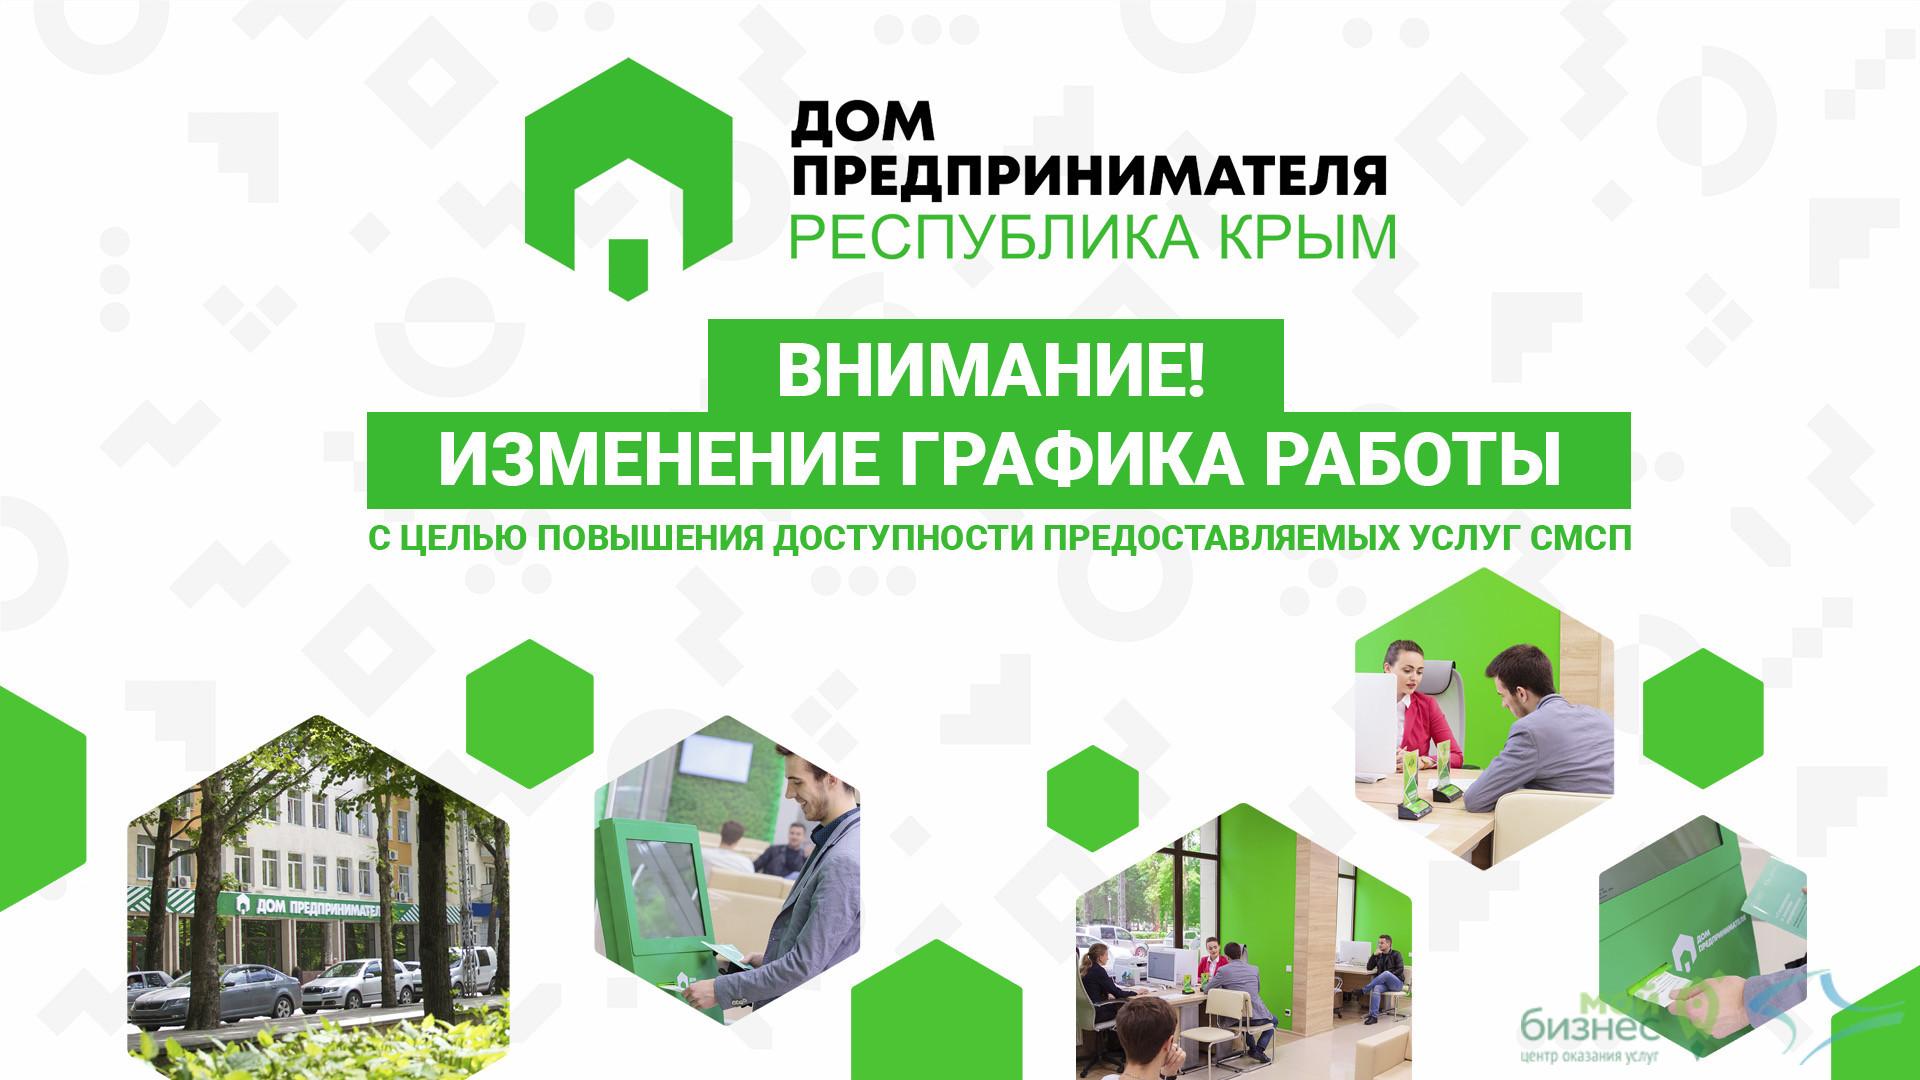 Внимание❗  Изменения в расписании работы Дома предпринимателя.